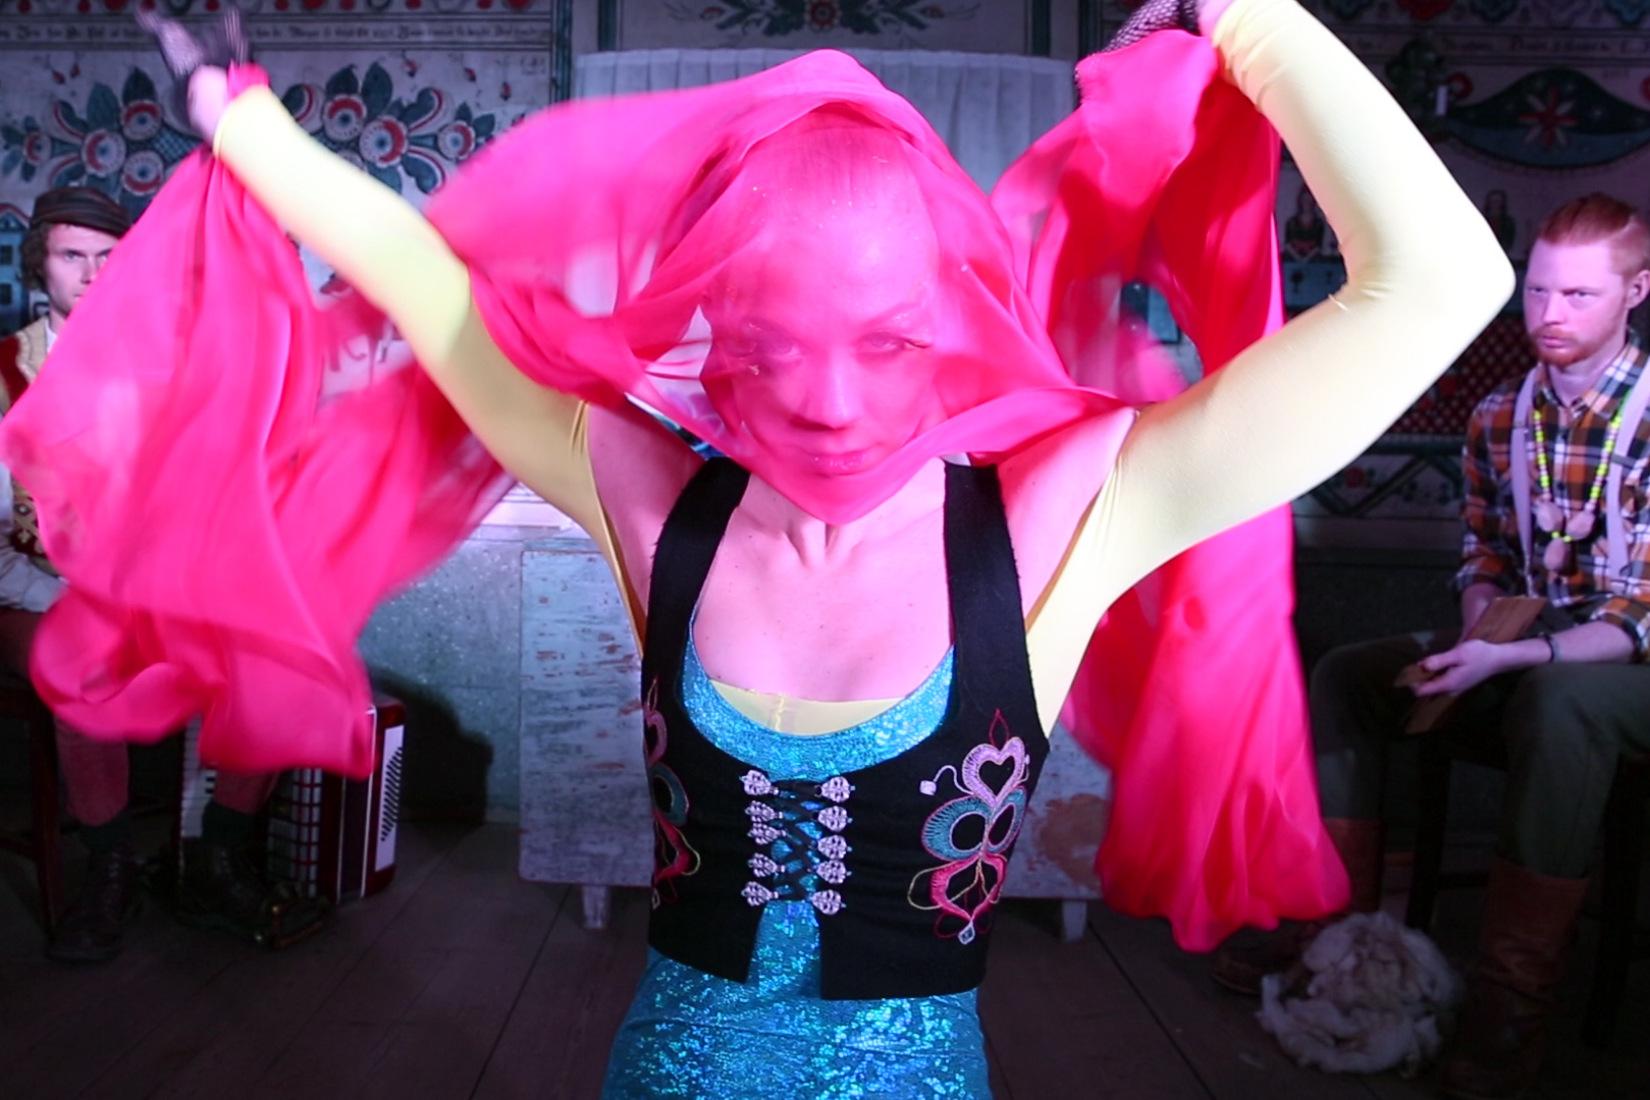 Extrait vidéo avec la danseuse Anna « Ninja » Näsström, à Skansen, musée en plein air des traditions artisanales à Stockholm.